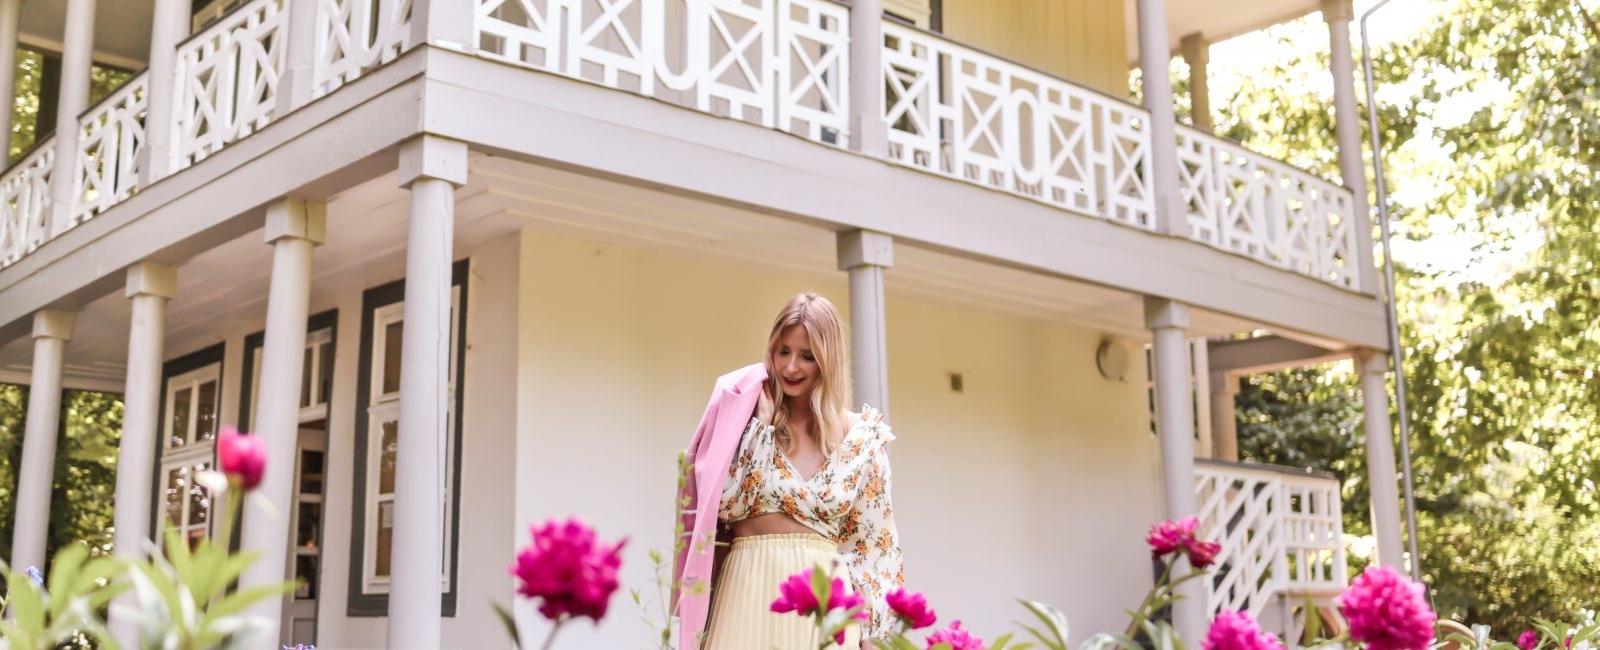 MOD-by-Monique-Fashion-Looks-Zimmermann-Estila-Snazzy